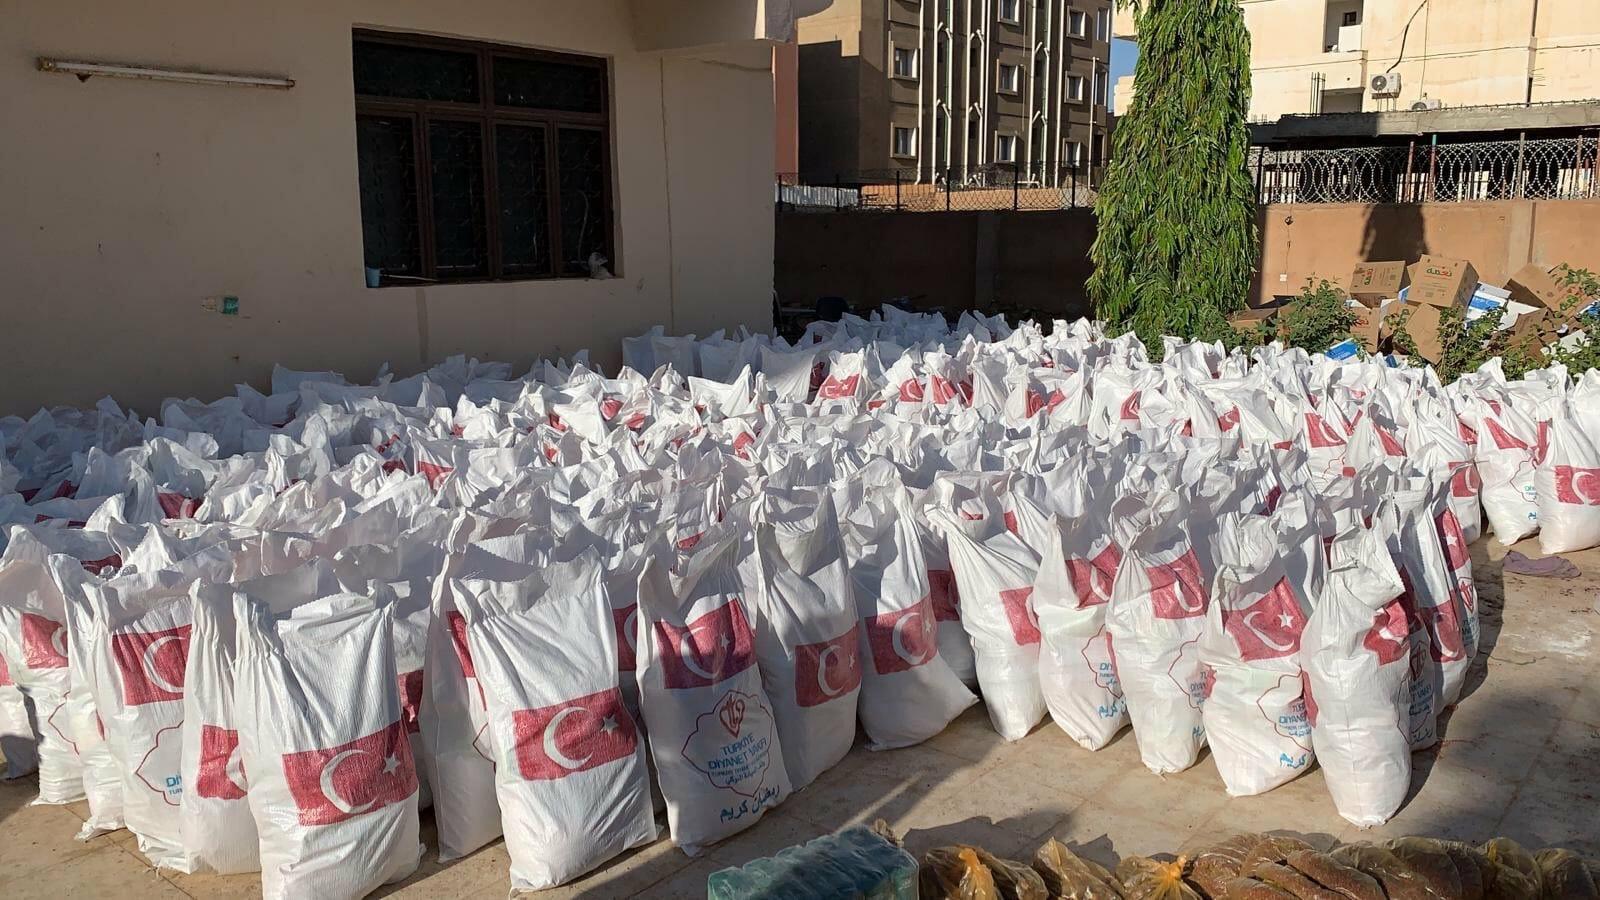 EVvoZFtWAAAprL5 - تركيا .. دعم الأسر الفقيرة في السودان بأكثر من 16 ألف حقيبة رمضانية